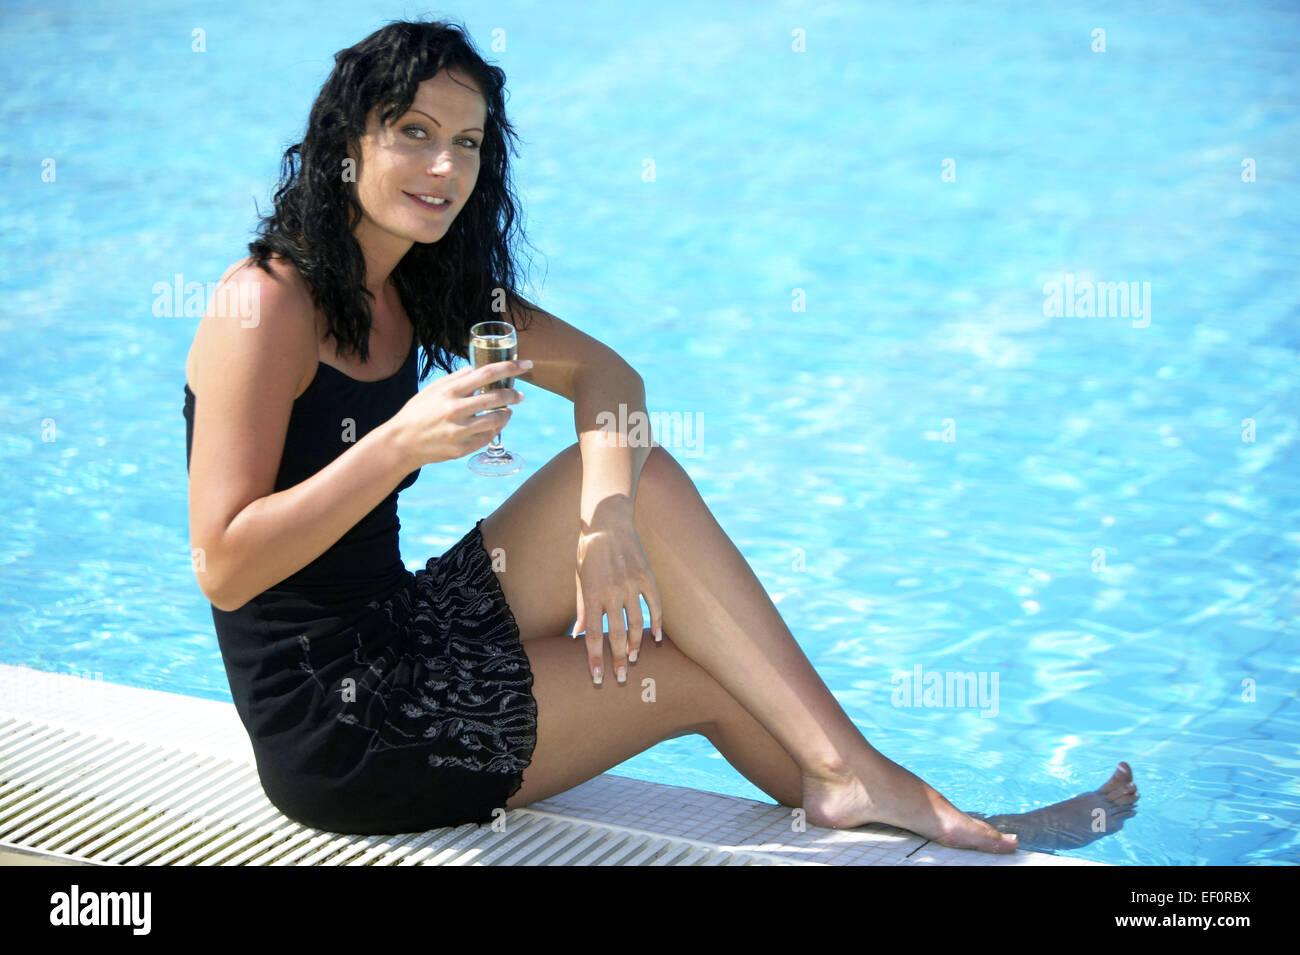 Frau Schwarzhaarig Pool Beckenrand Sitzen Jung Kleid Sommerkleid Barfuss Entspannt Gluecklich Trinken Sekt Champagner - Stock Image